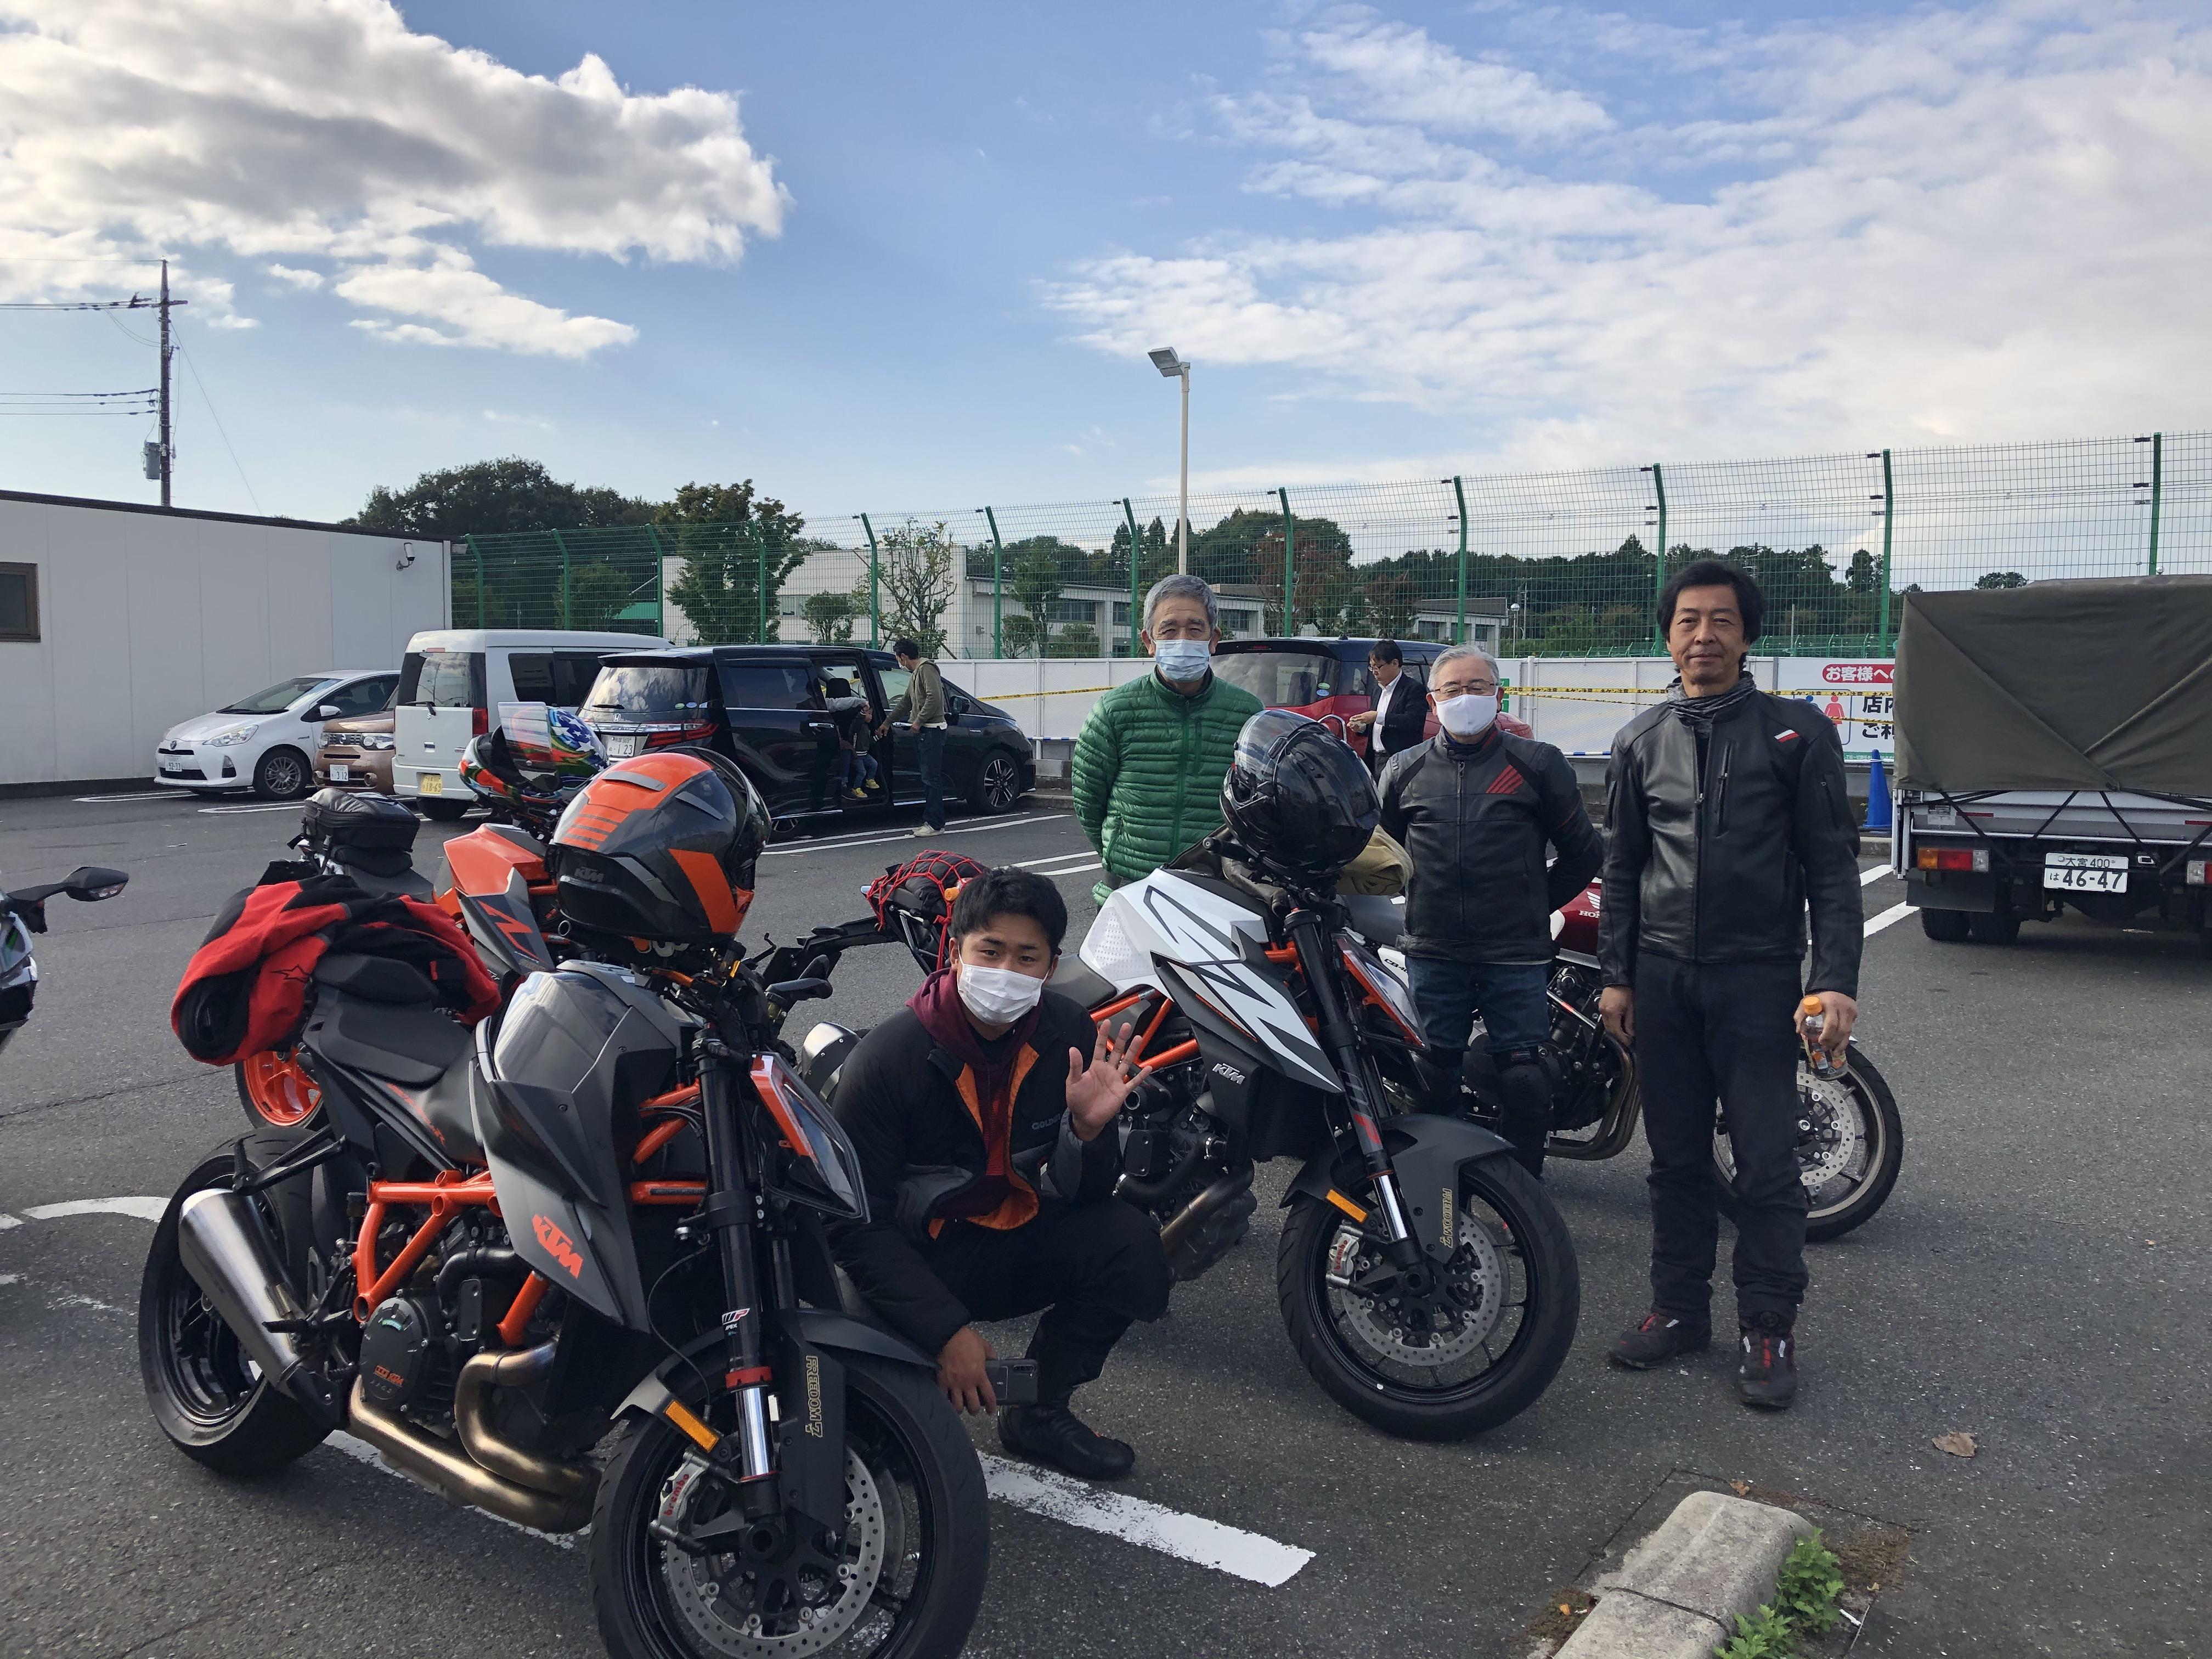 ツーリング コロナ 新型コロナで吹き飛んだ、バイク料金割引とETC二輪車「ツーリングプラン」の行方